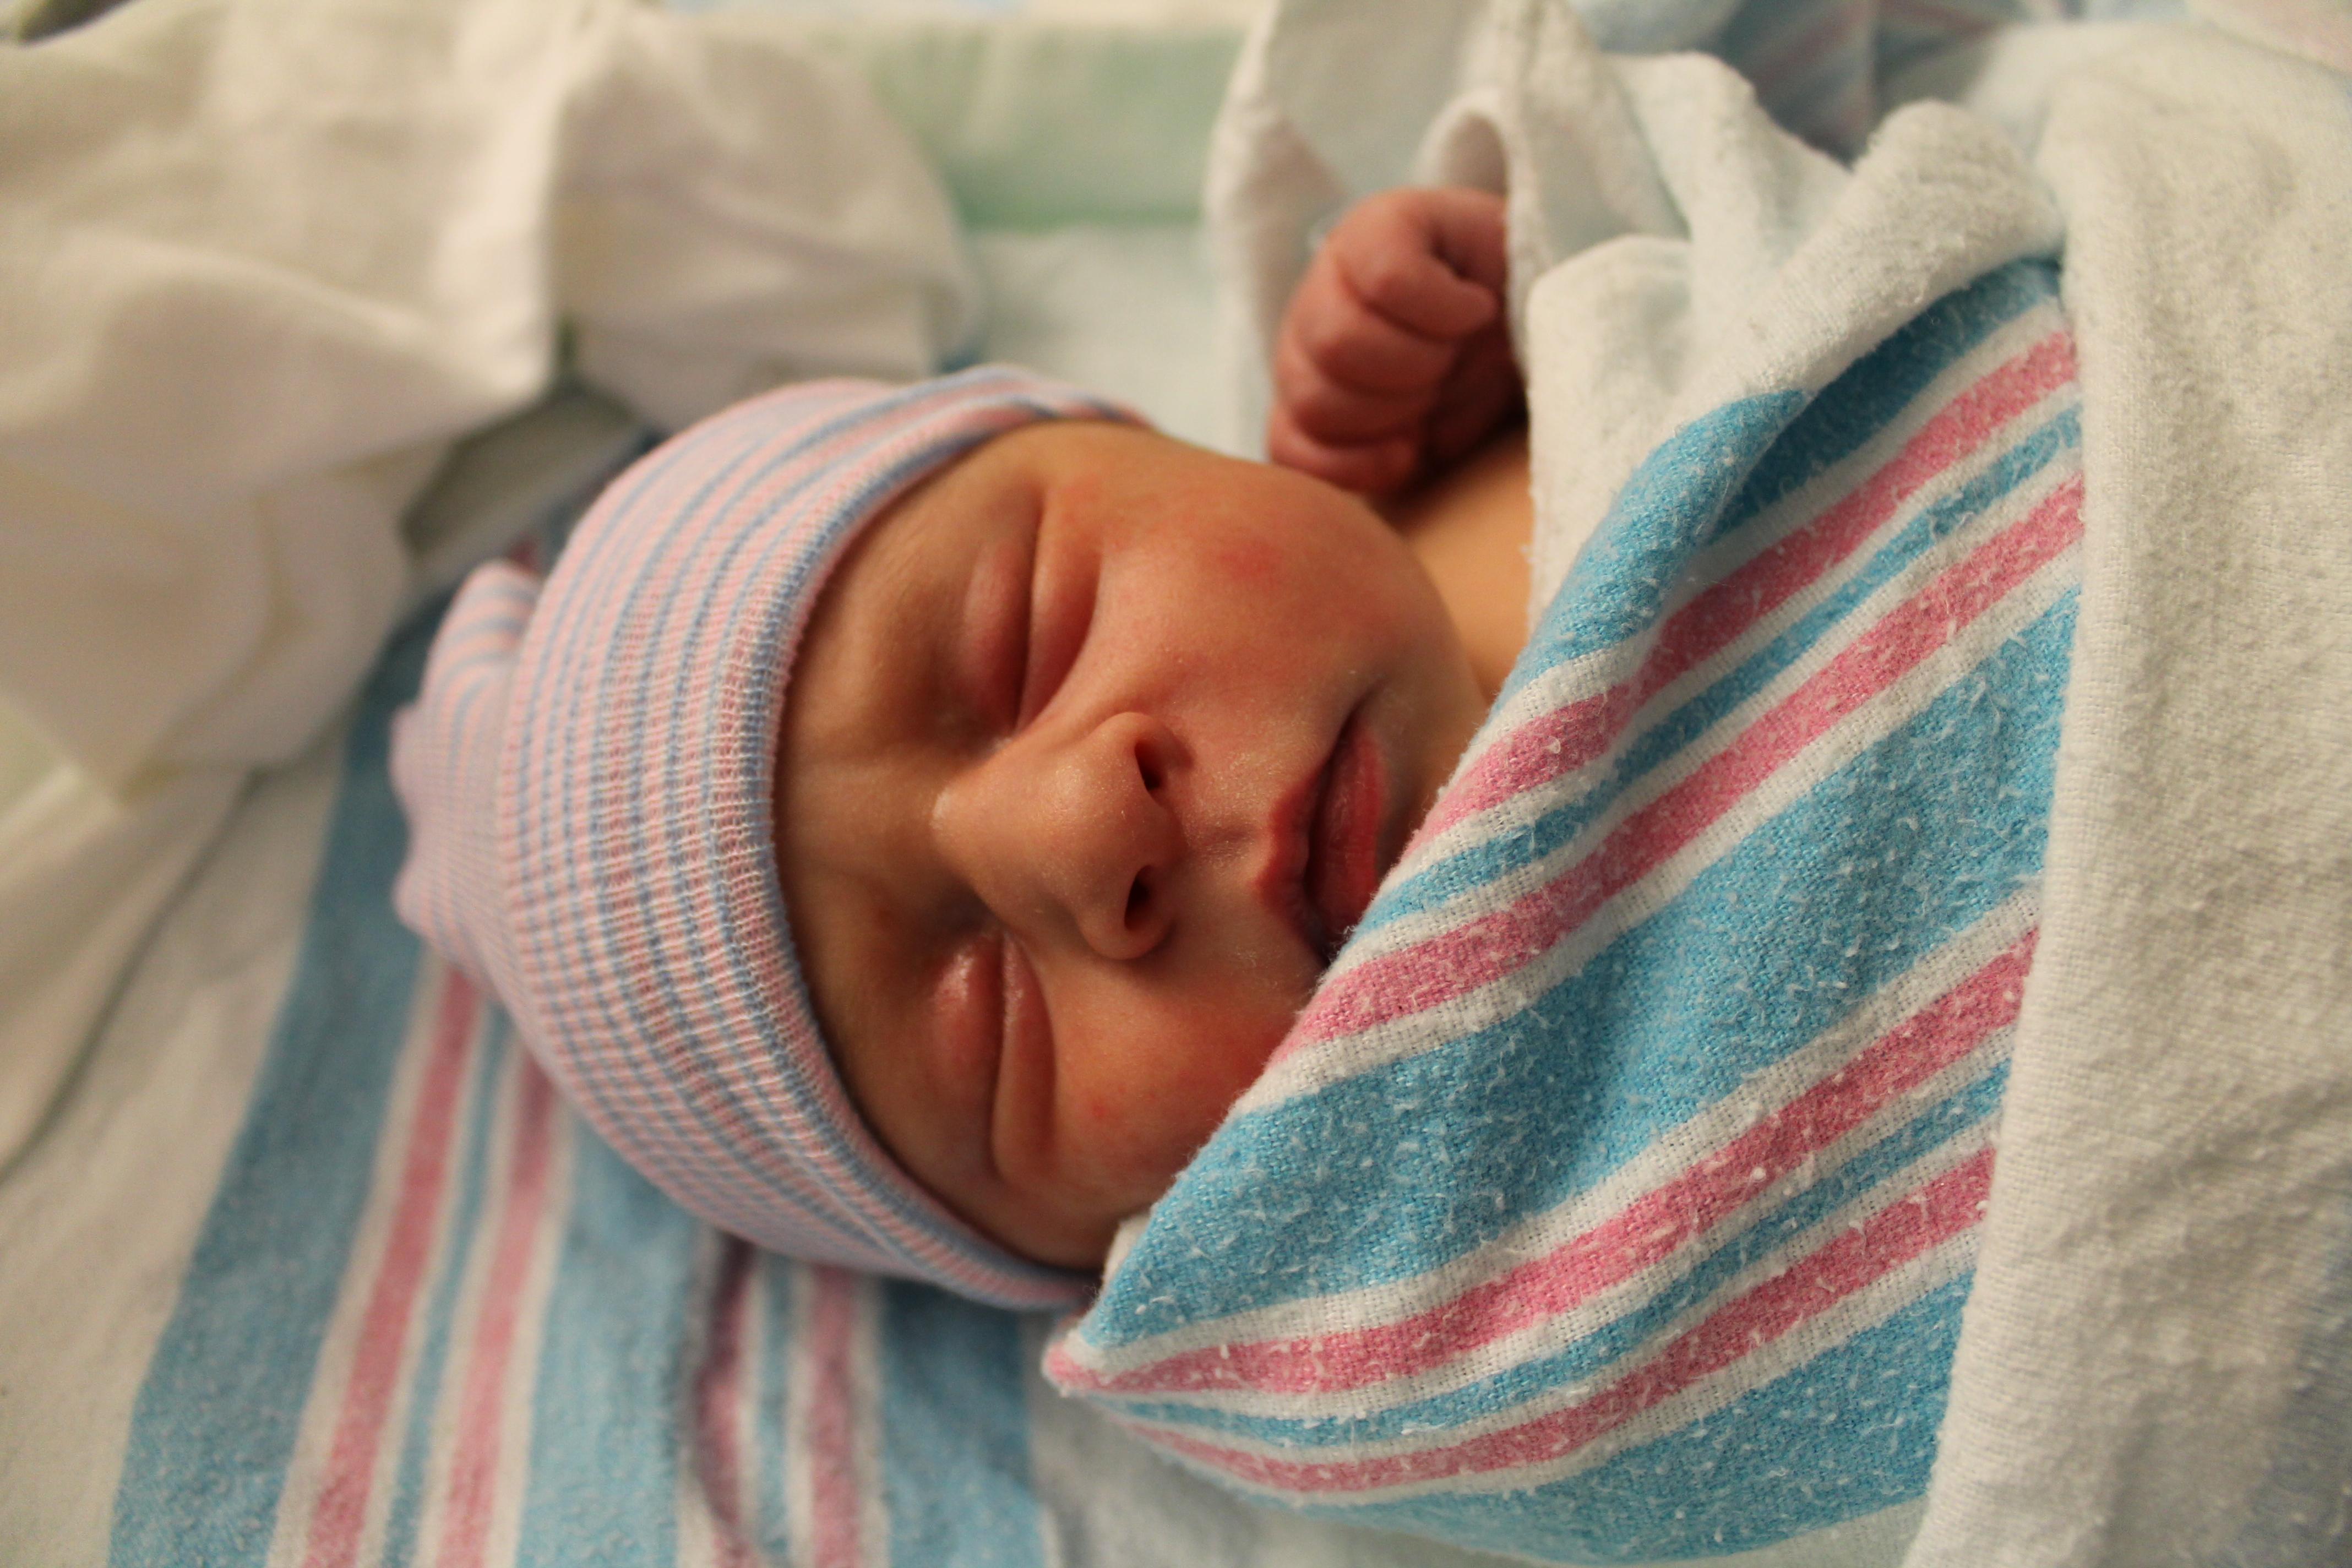 Baby Caitlin